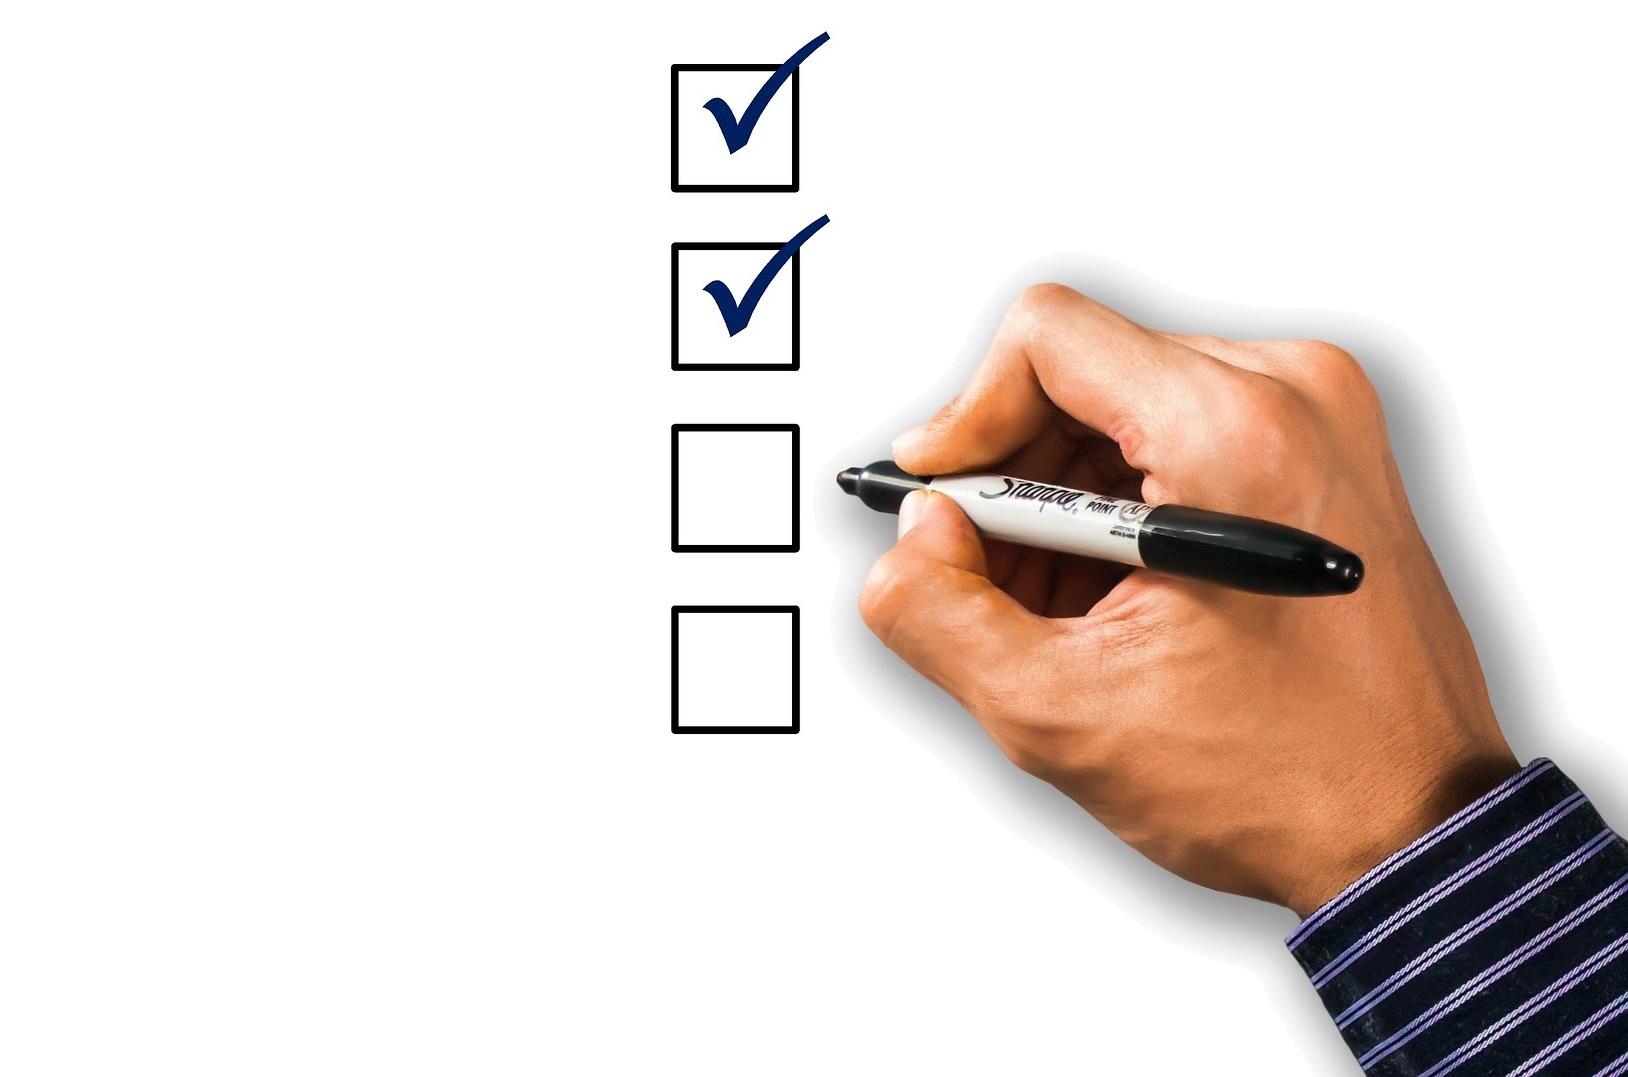 Käsi, joka pitelee kynää ja tarkistuslista.